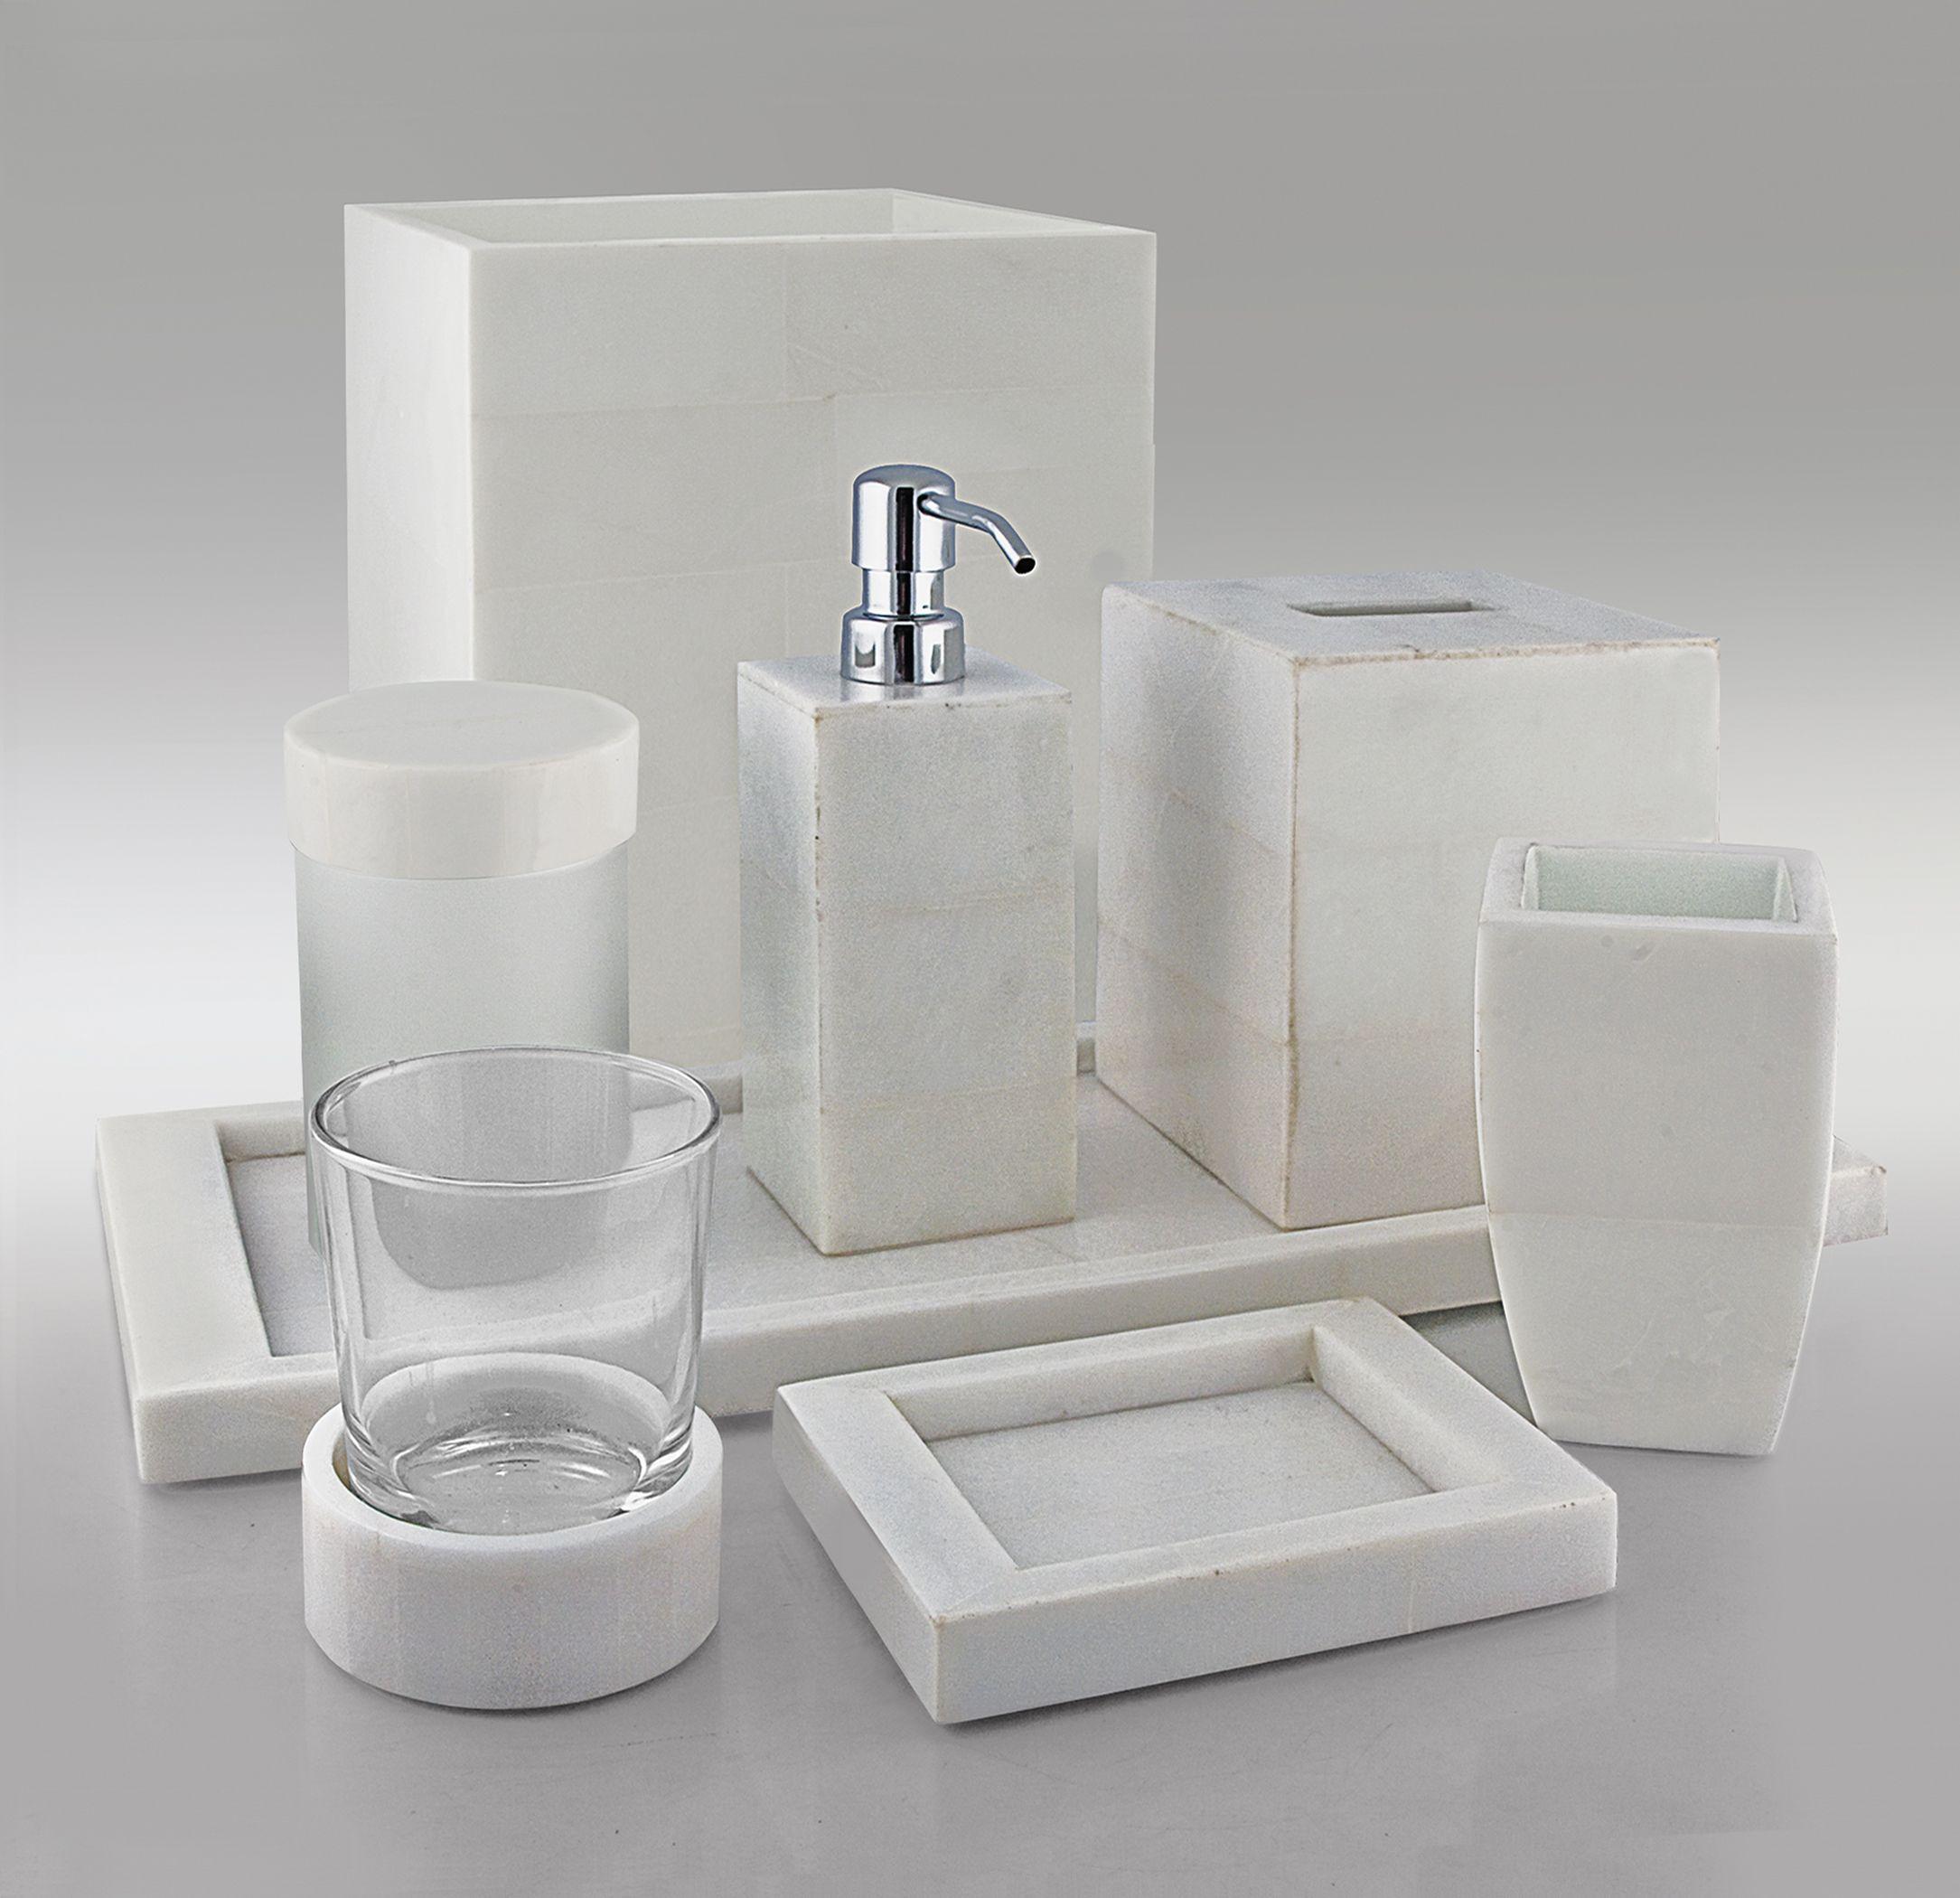 White Stone Bath Accessories By Gail Deloach Bathroom